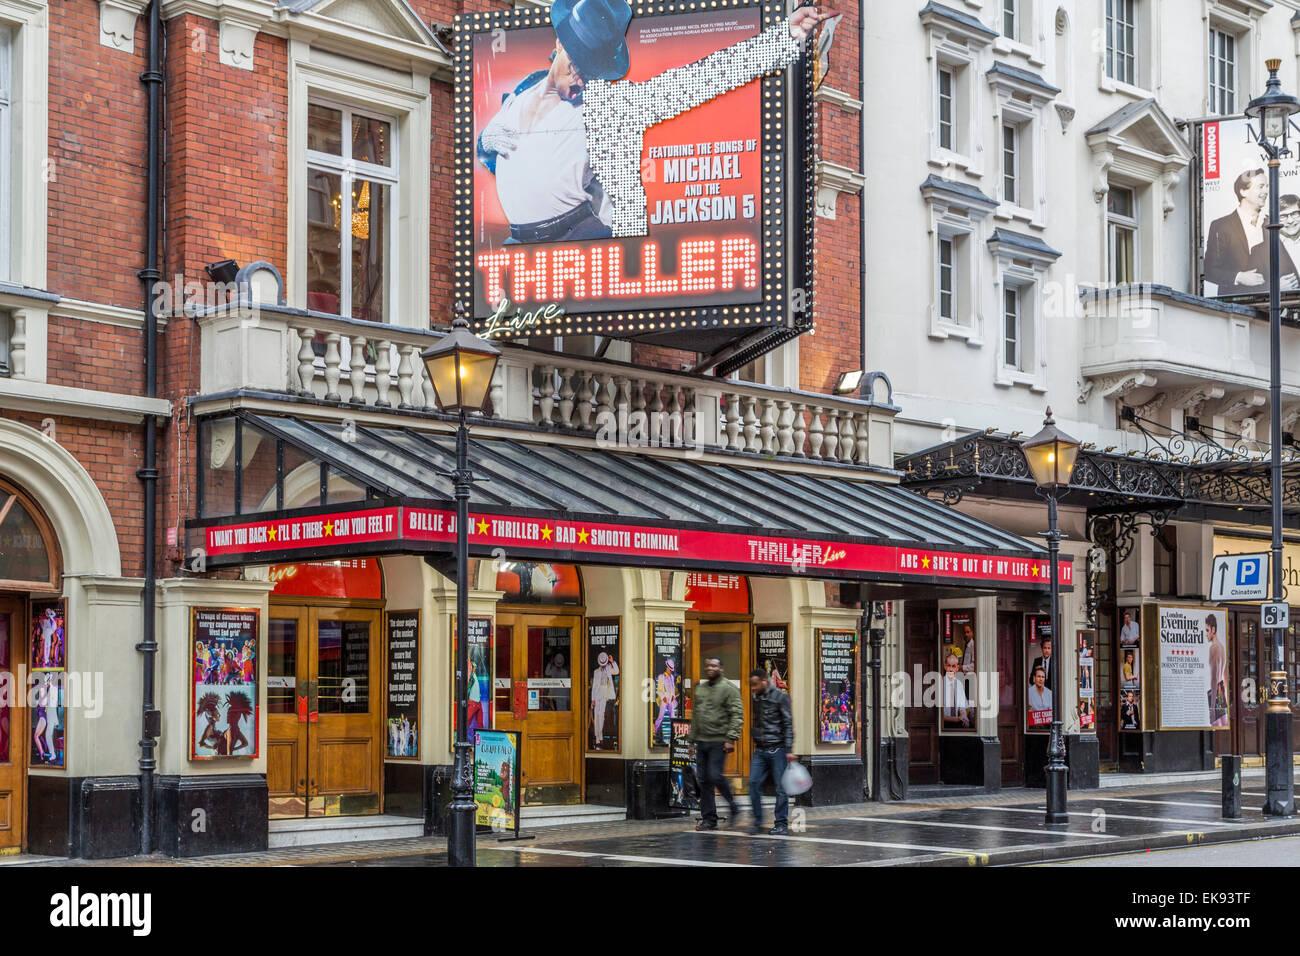 Una imagen horizontal de Thriller Live la reproducción musical en el Teatro Lírico Shaftesbury Avenue, Imagen De Stock